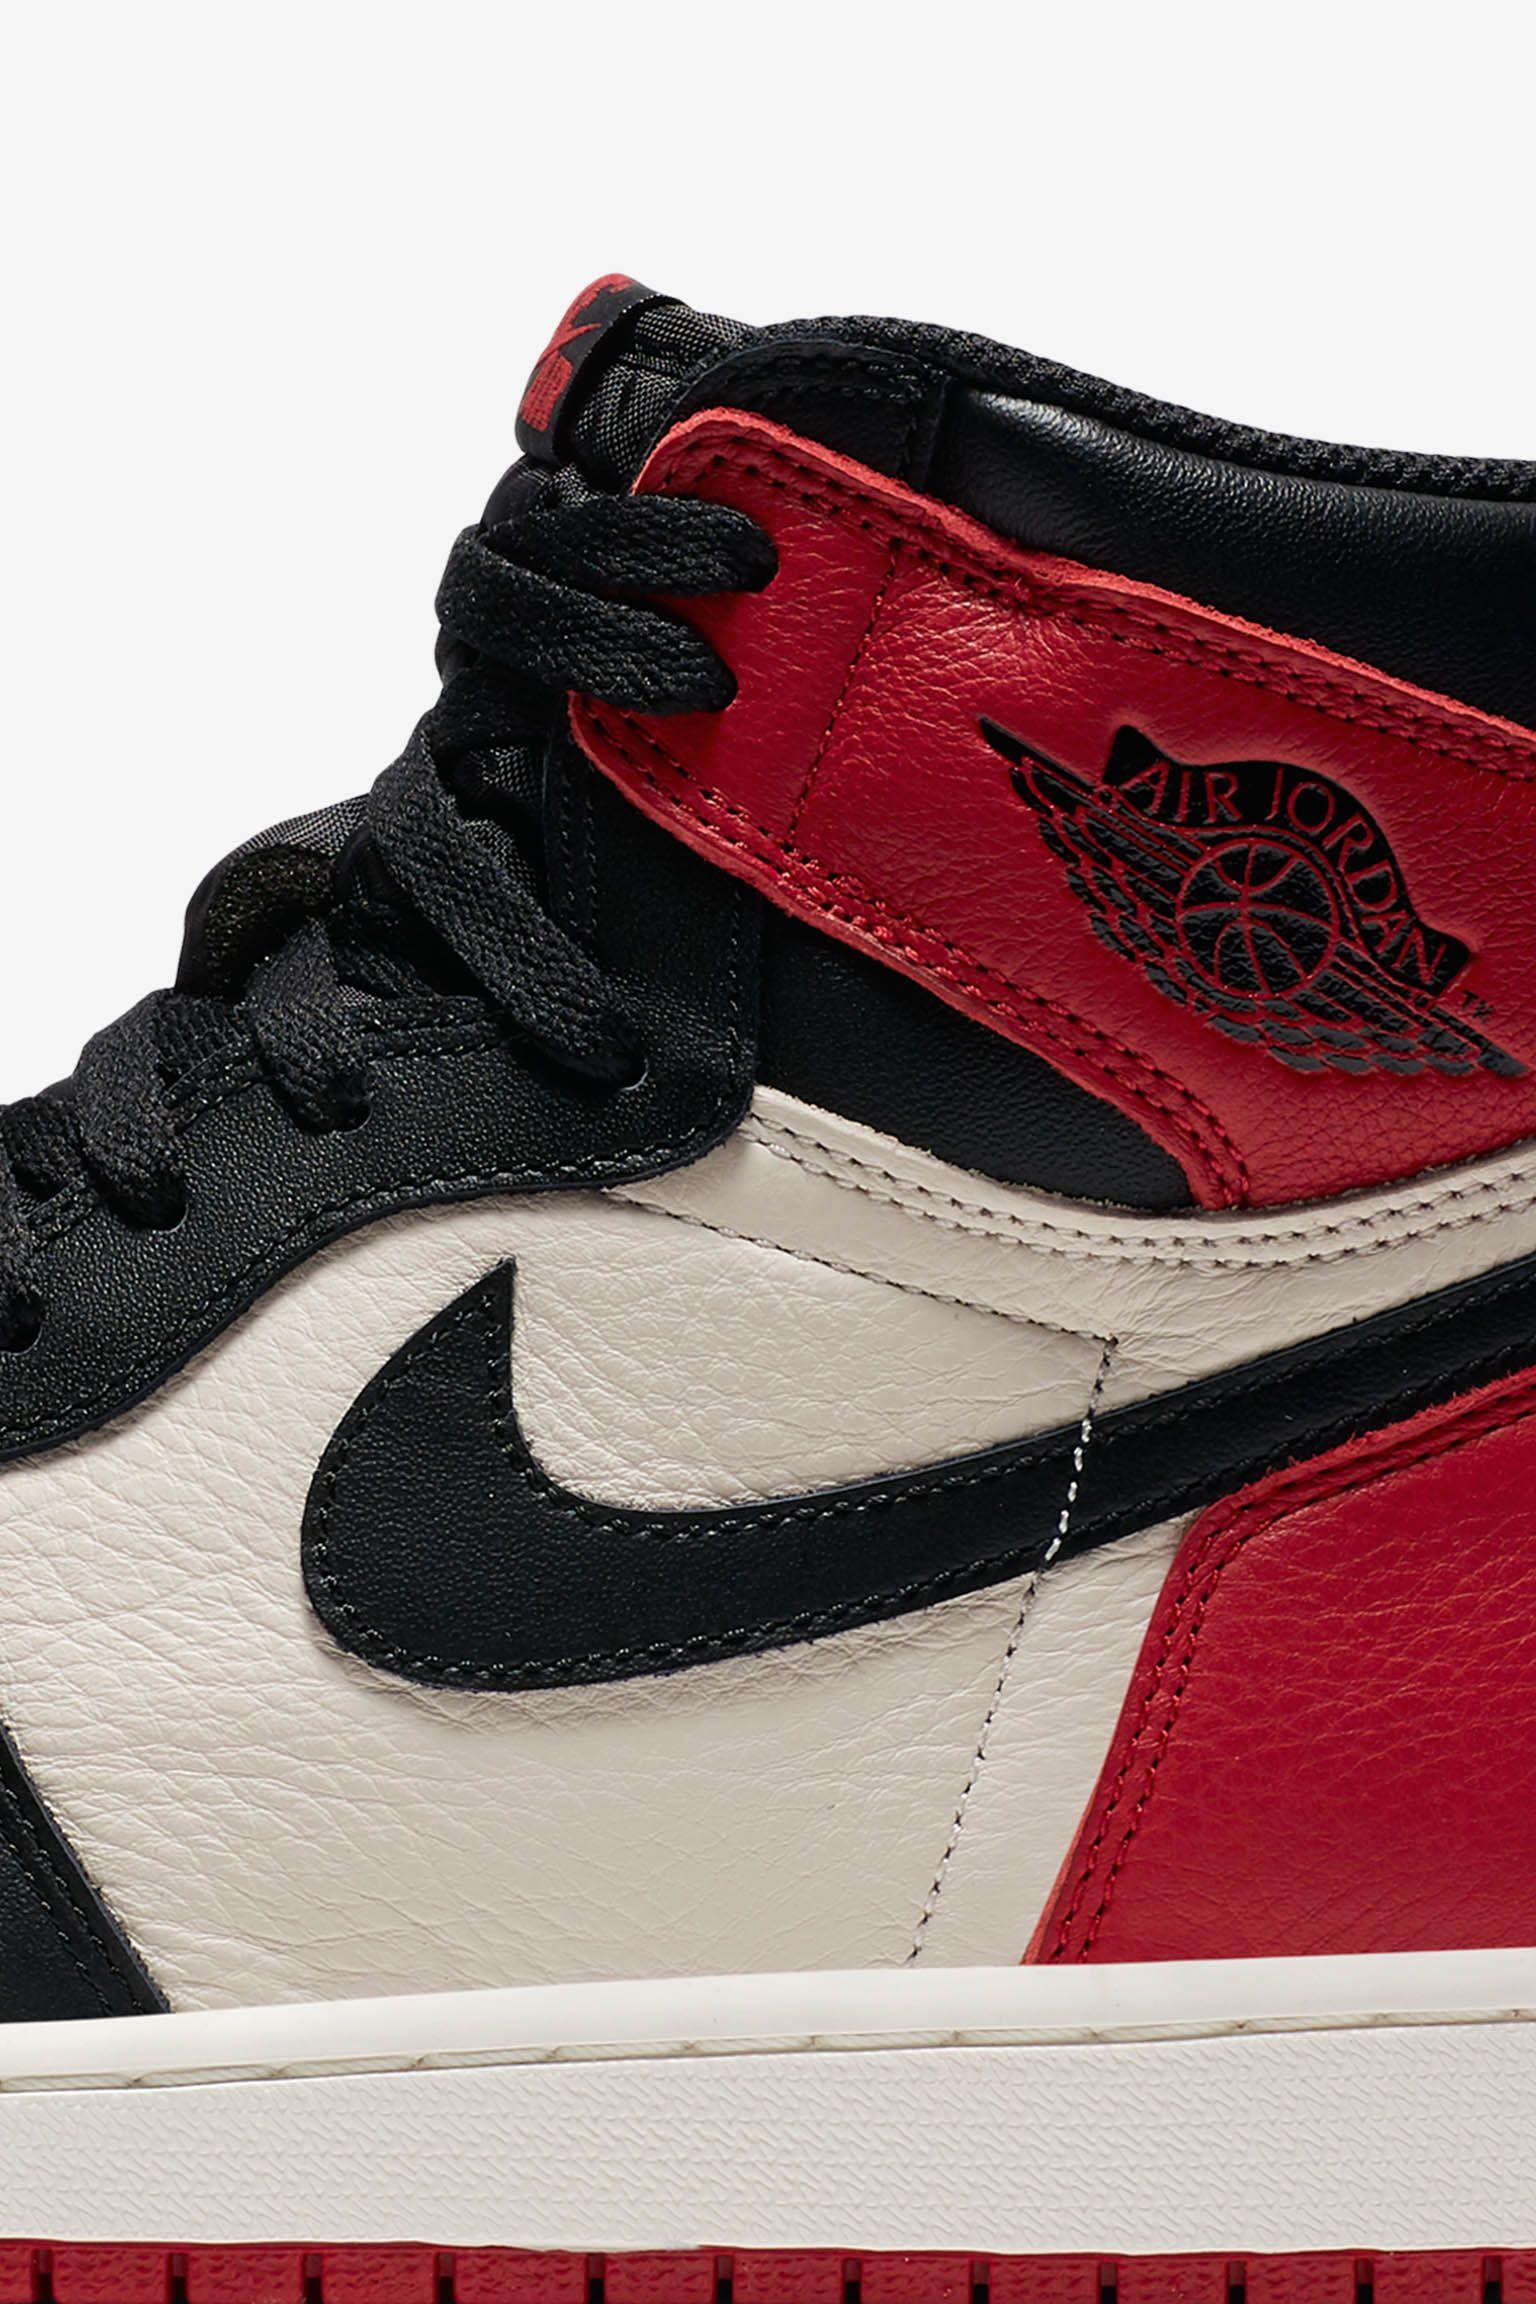 Air Jordan 1 'Bred Toe' Release Date